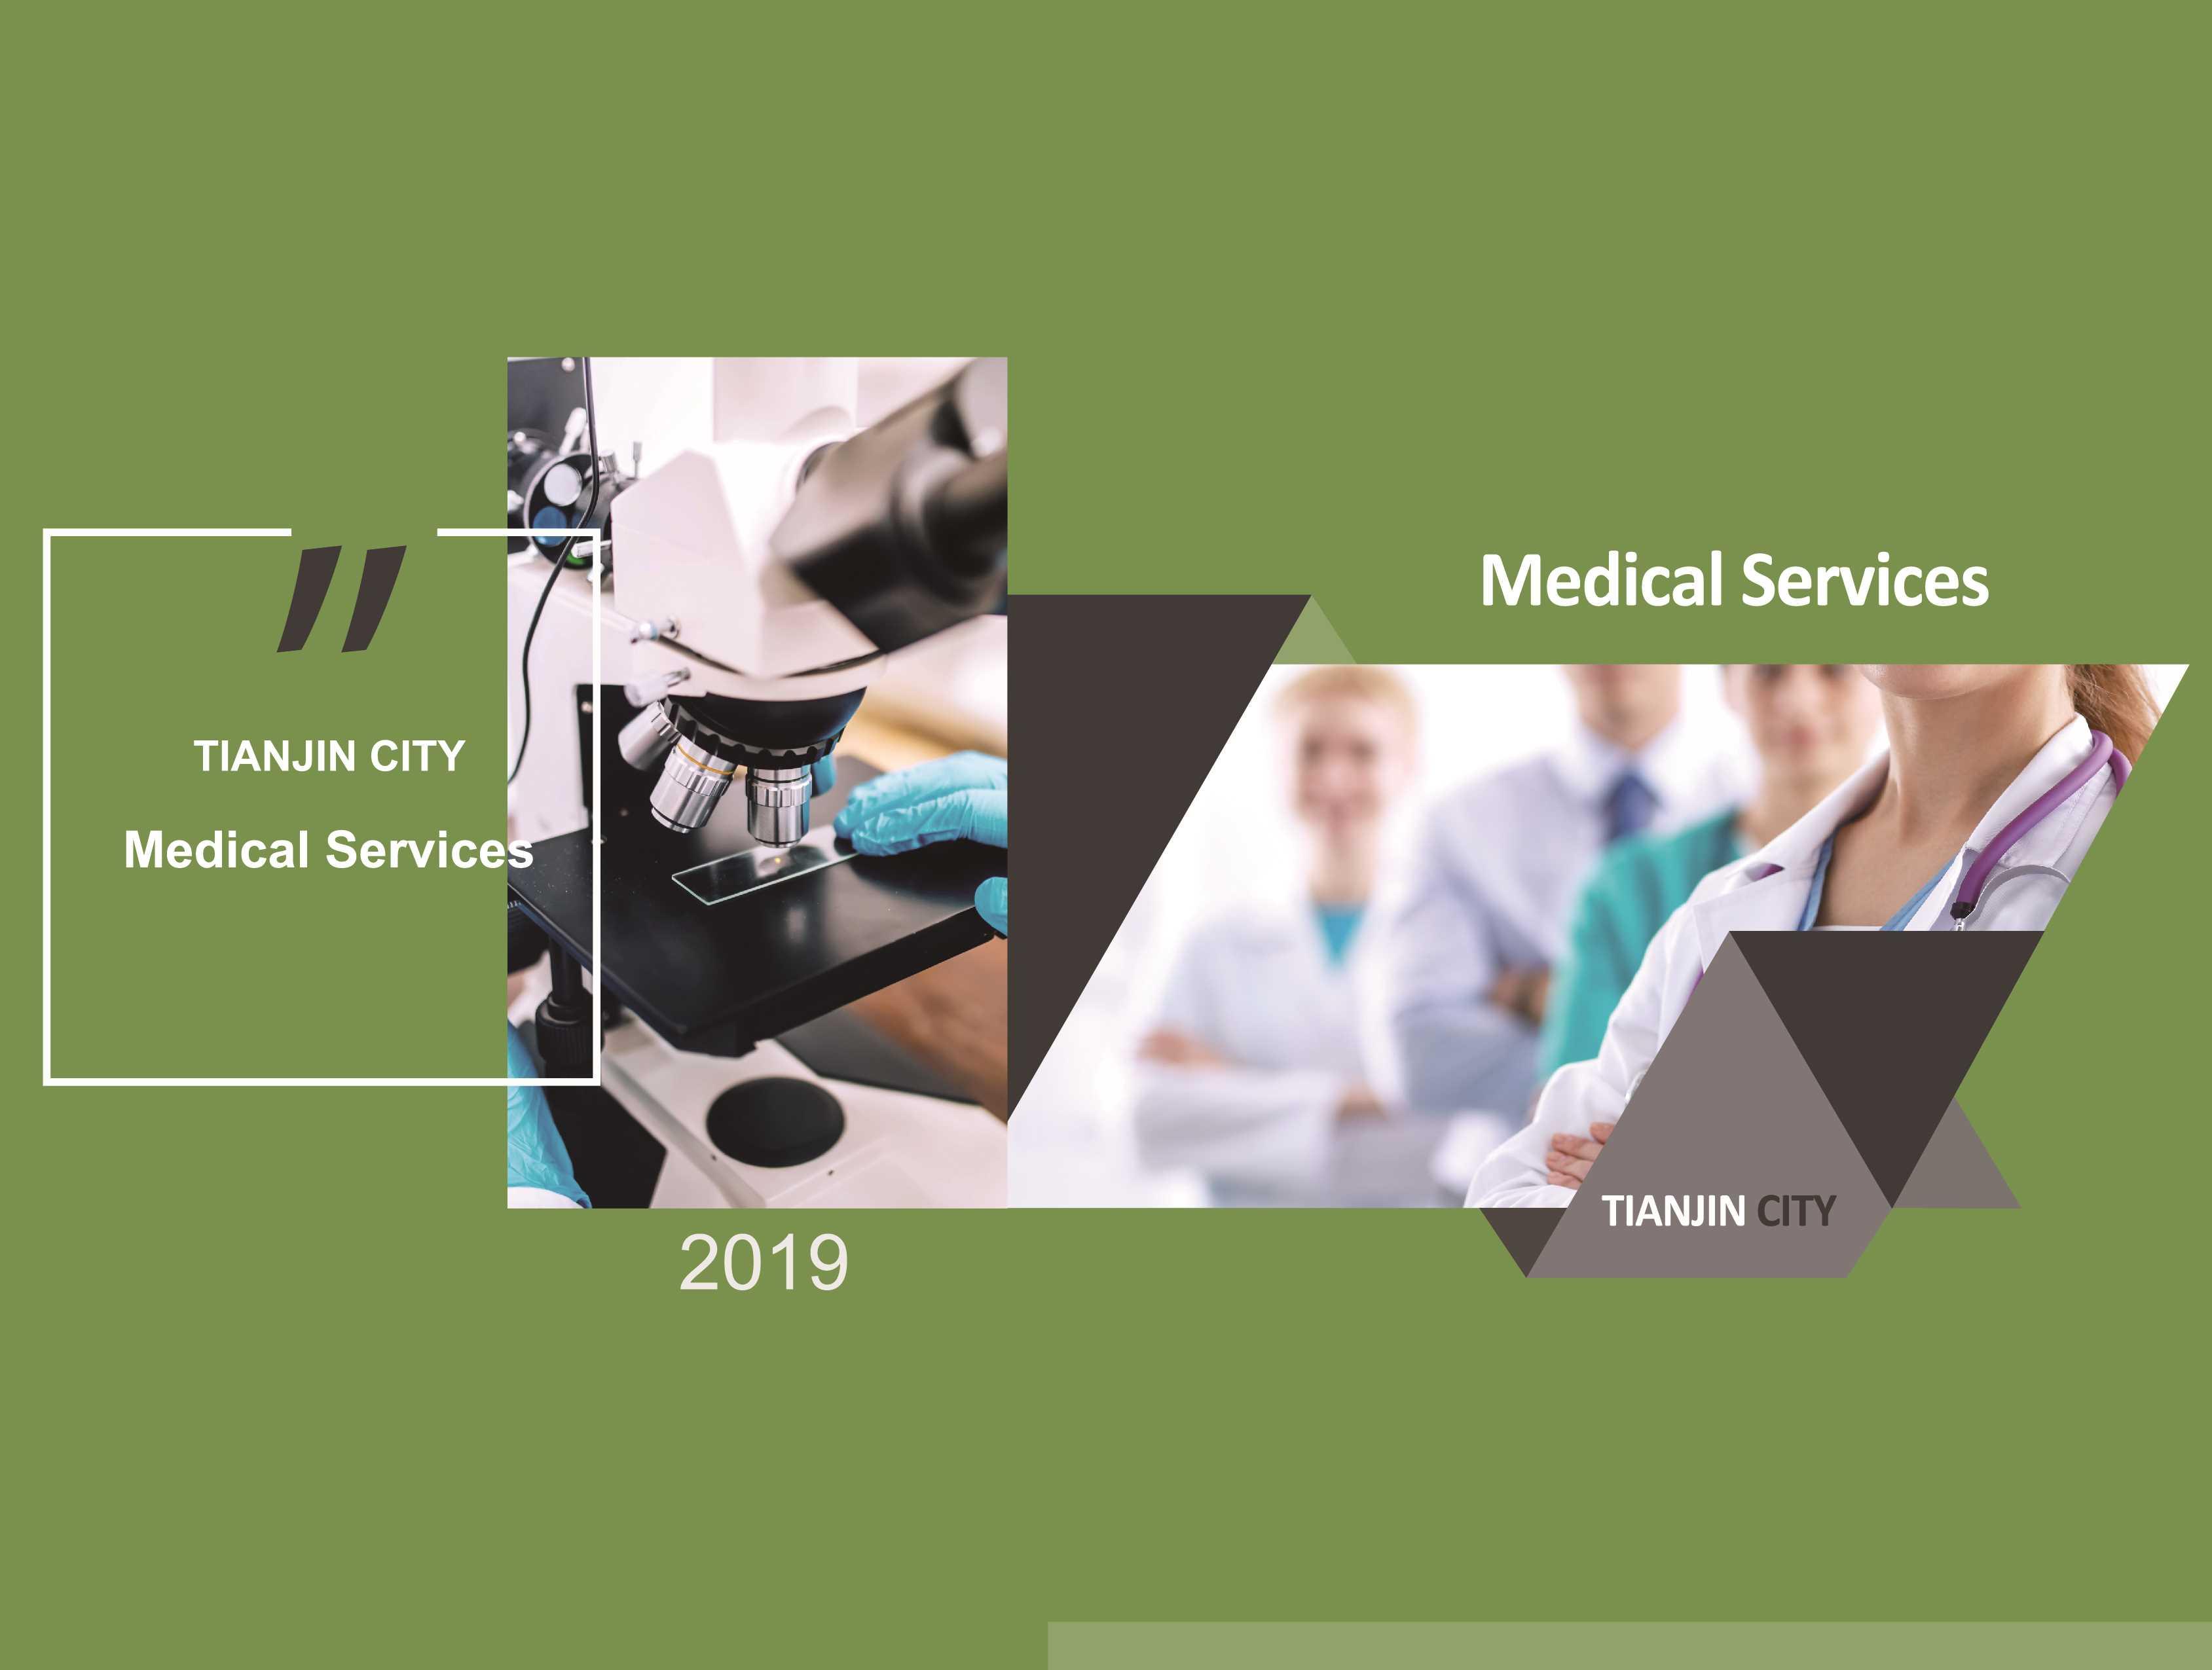 大册A1市区MedicalServices-01